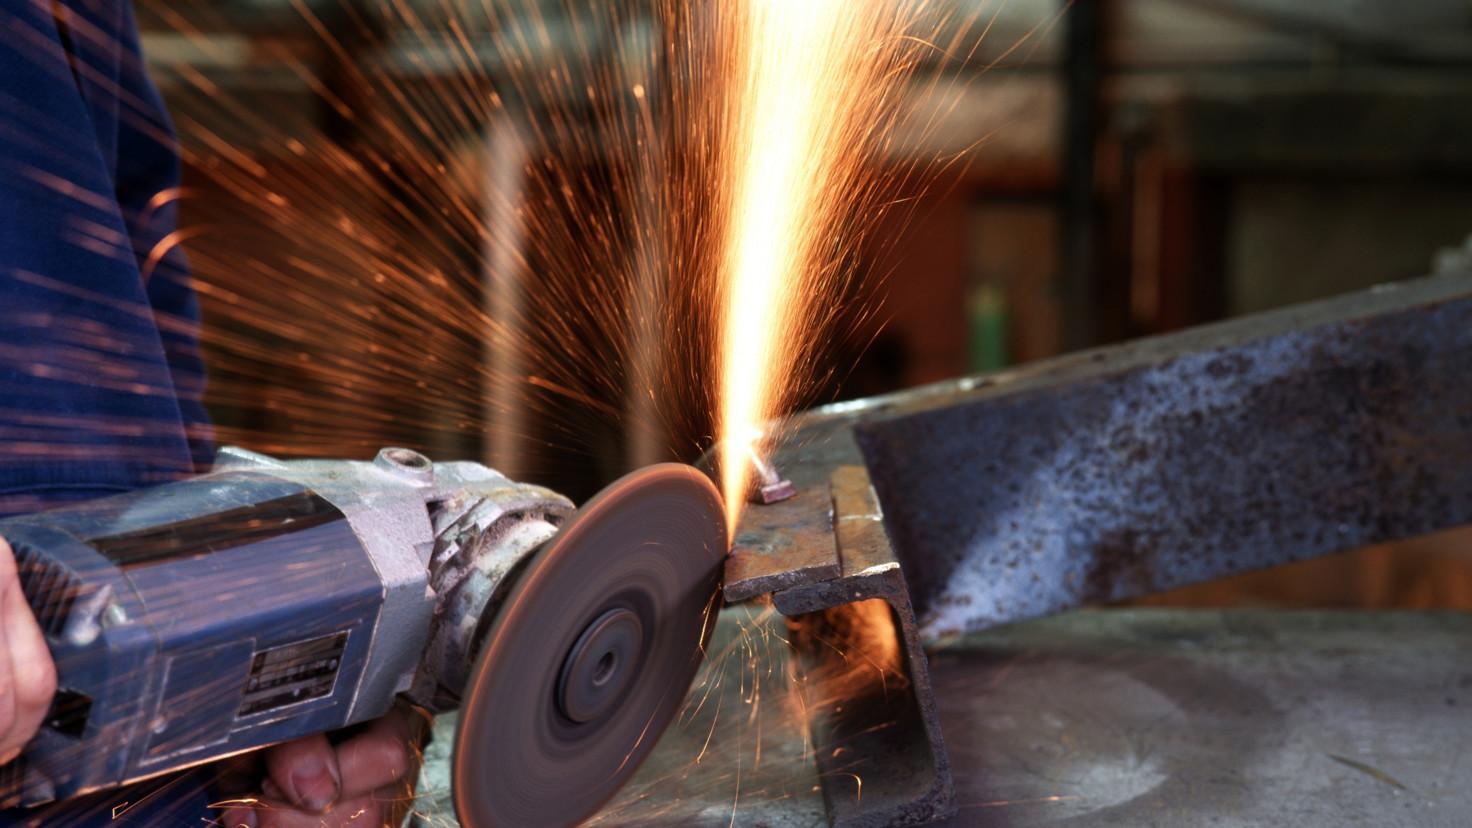 turkish investor eyeing british steel